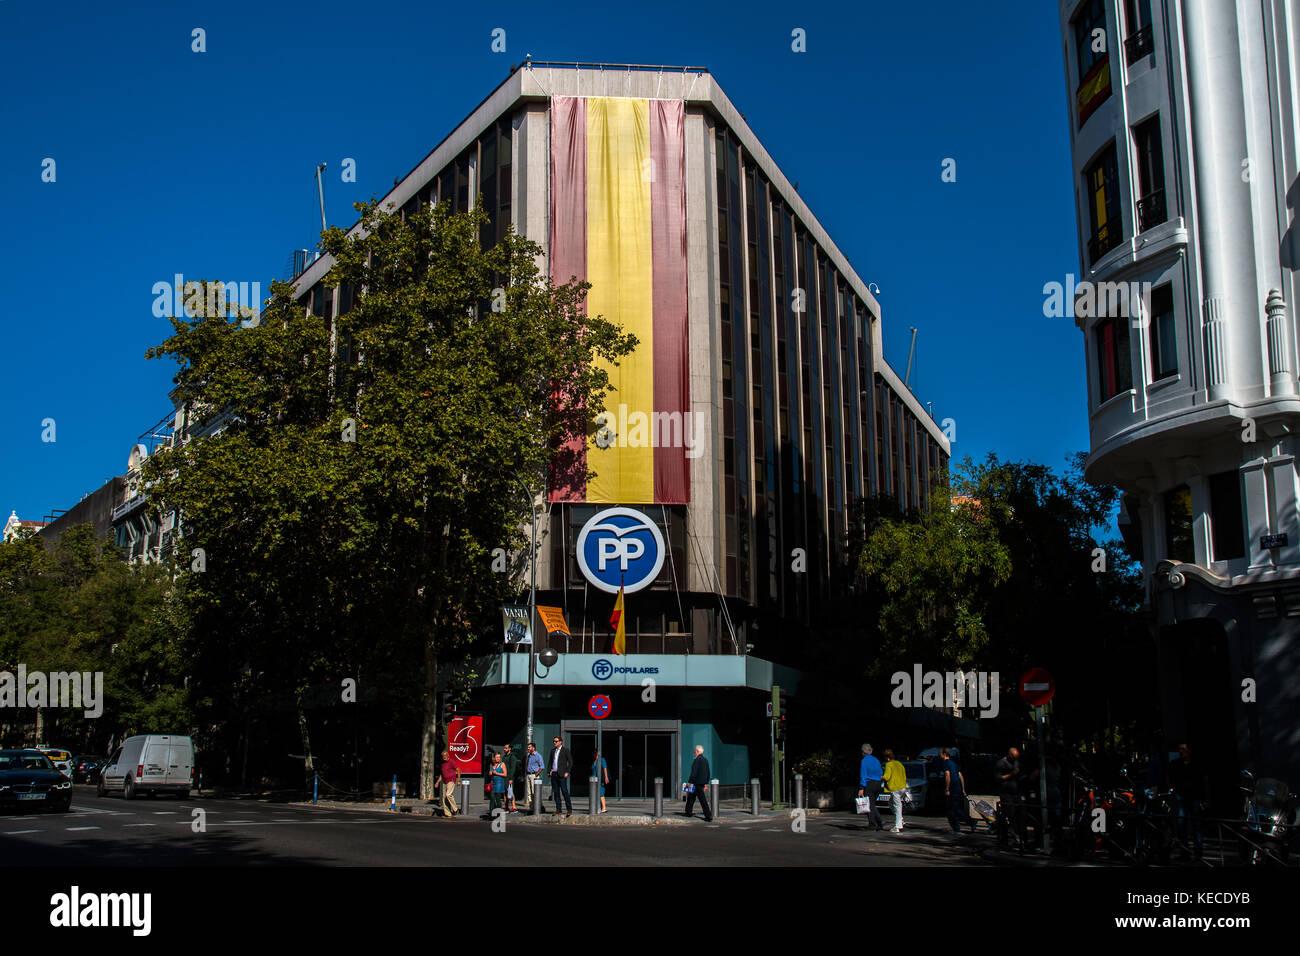 """Madrid, Spagna. 16 ott 2017. sede del partito di governo """"Partito Popolare (Pp)' mostra una grande bandiera Immagini Stock"""